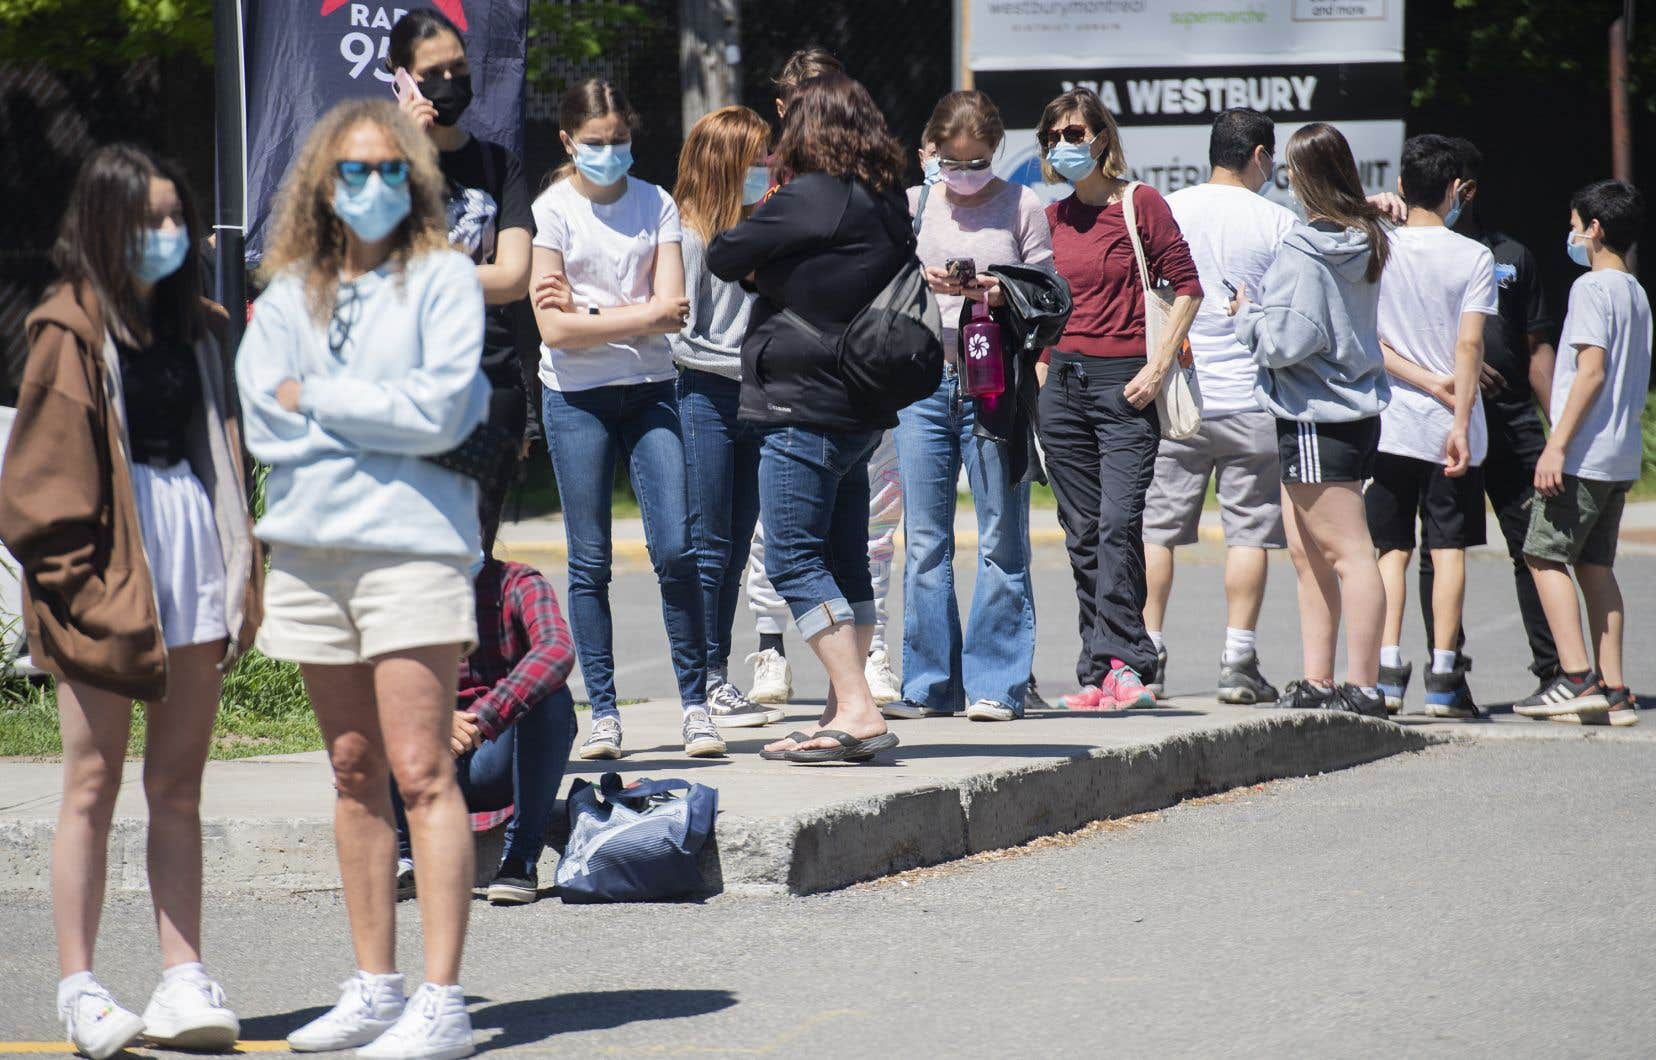 En excluant les personnes ayant reçu le vaccin, c'est environ 10% de la population adulte du Québec qui a développé des anticorps en raison d'une infection.